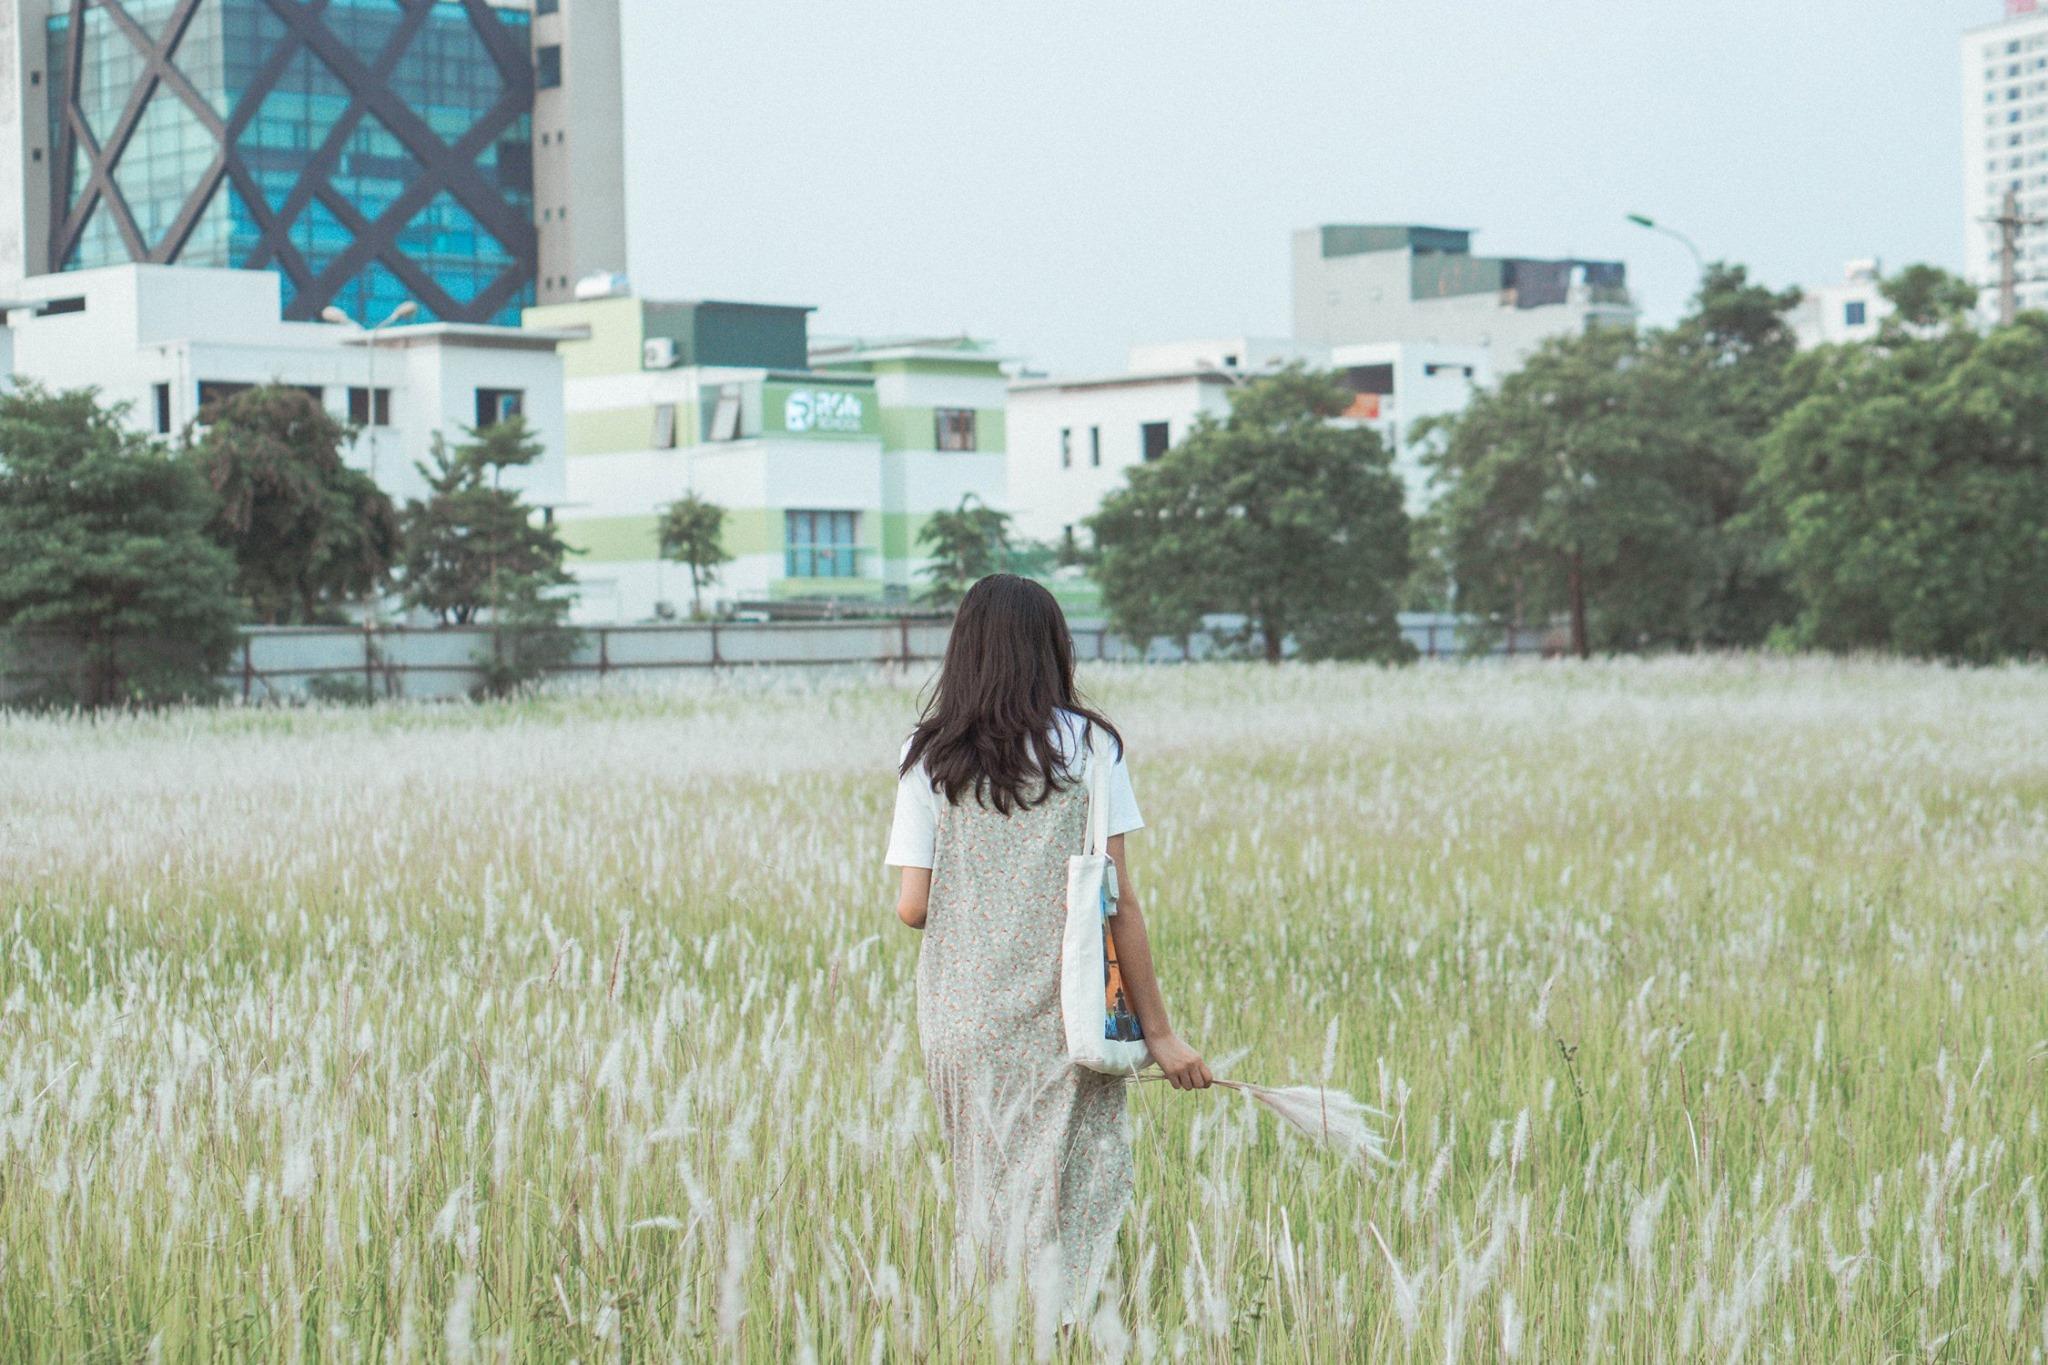 Chẳng thể đi Đà Lạt ngắm cỏ hồng, cuối tuần vi vu Hà Nội, check in cháy máy với những cánh đồng lau trắng